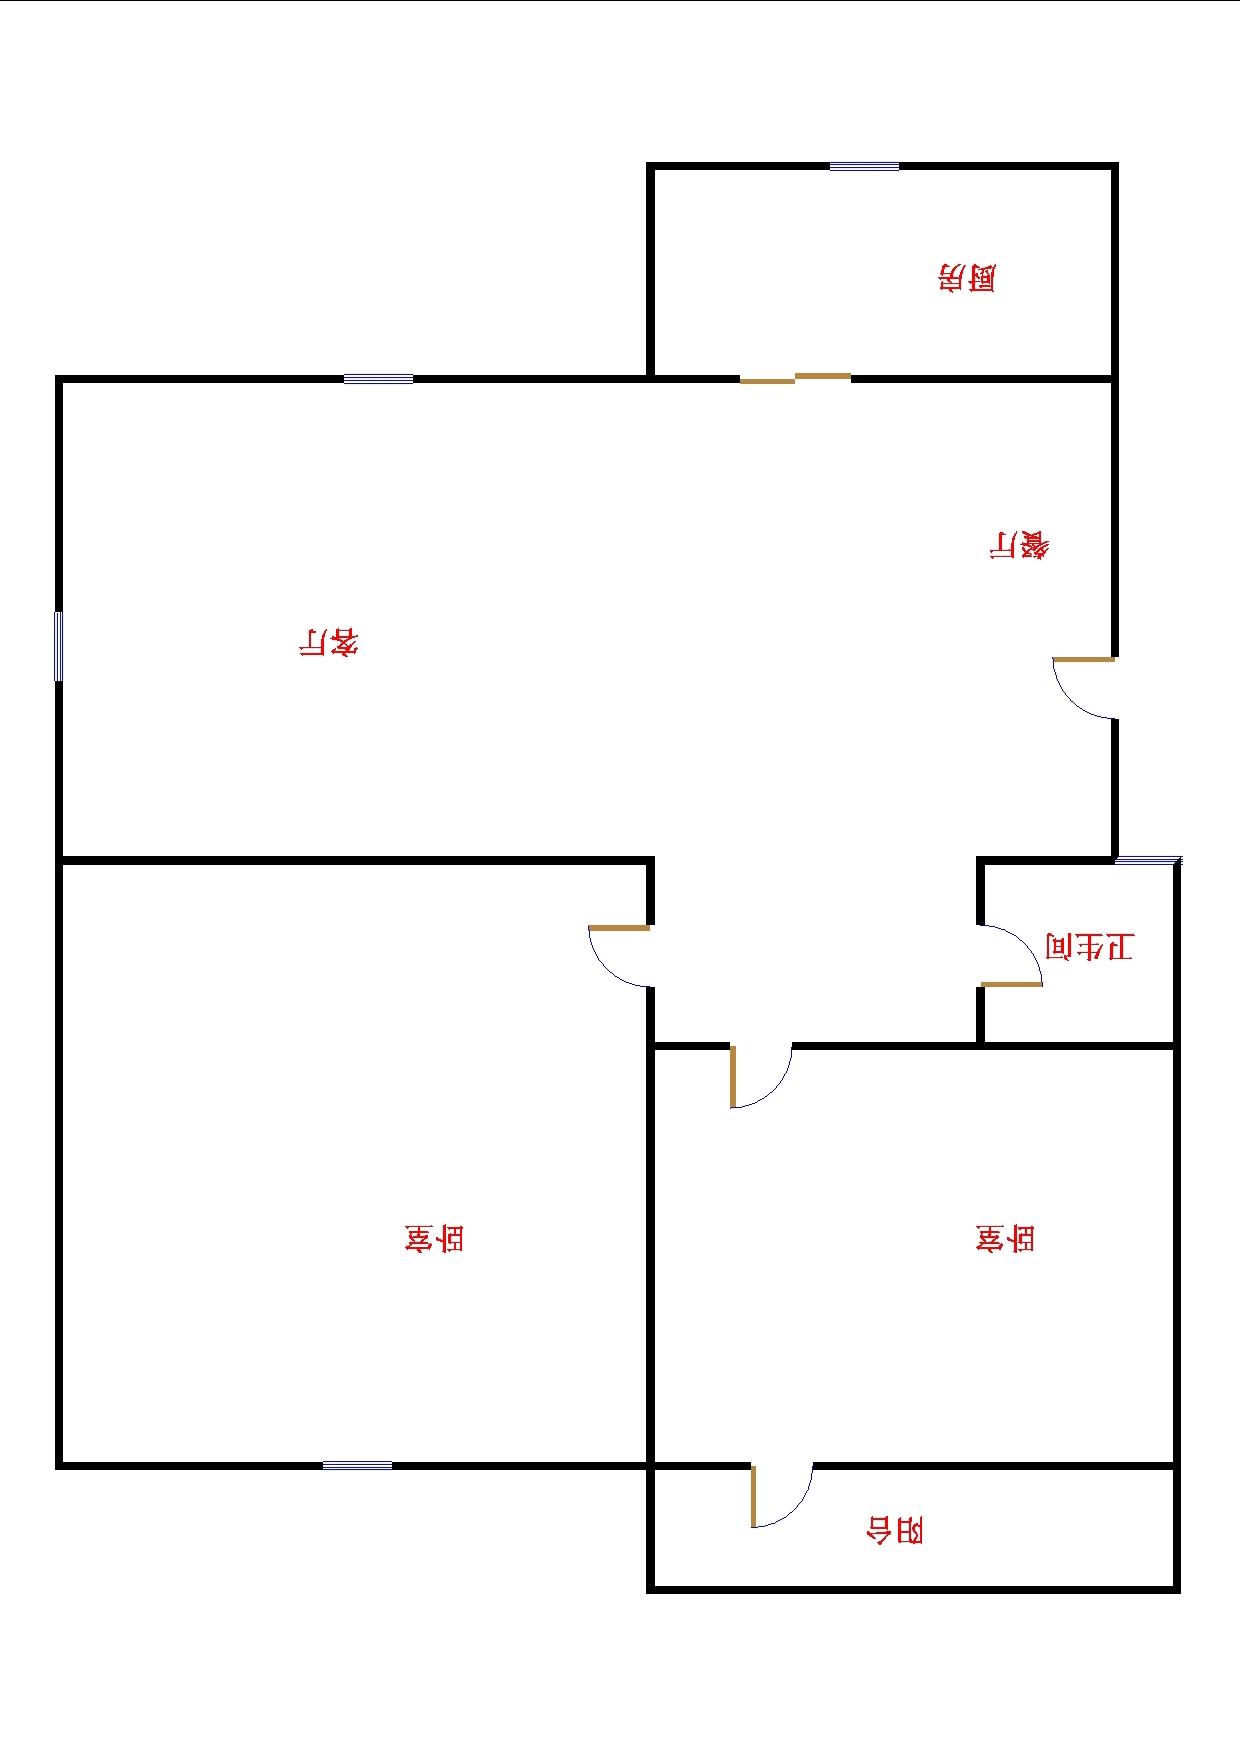 嘉诚尚东 2室2厅 双证齐全 简装 85万